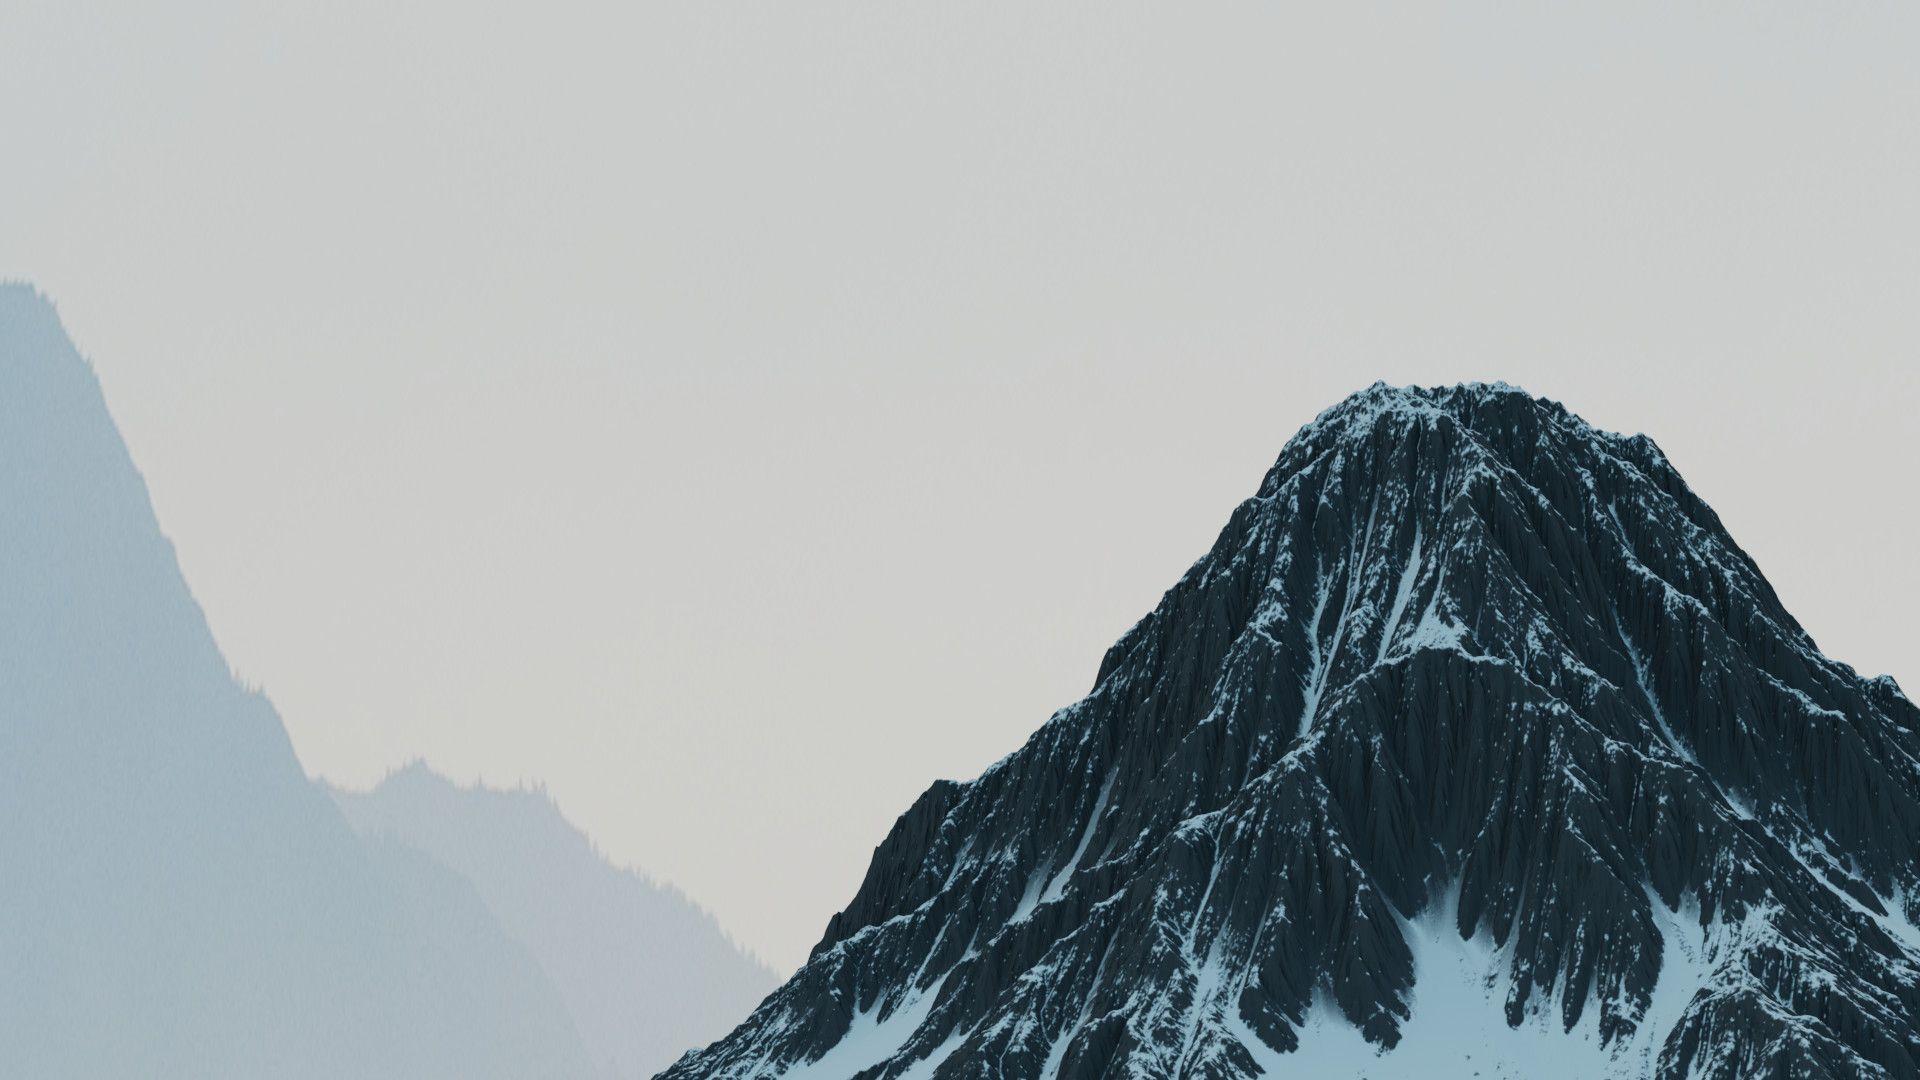 Procedural terrain creation